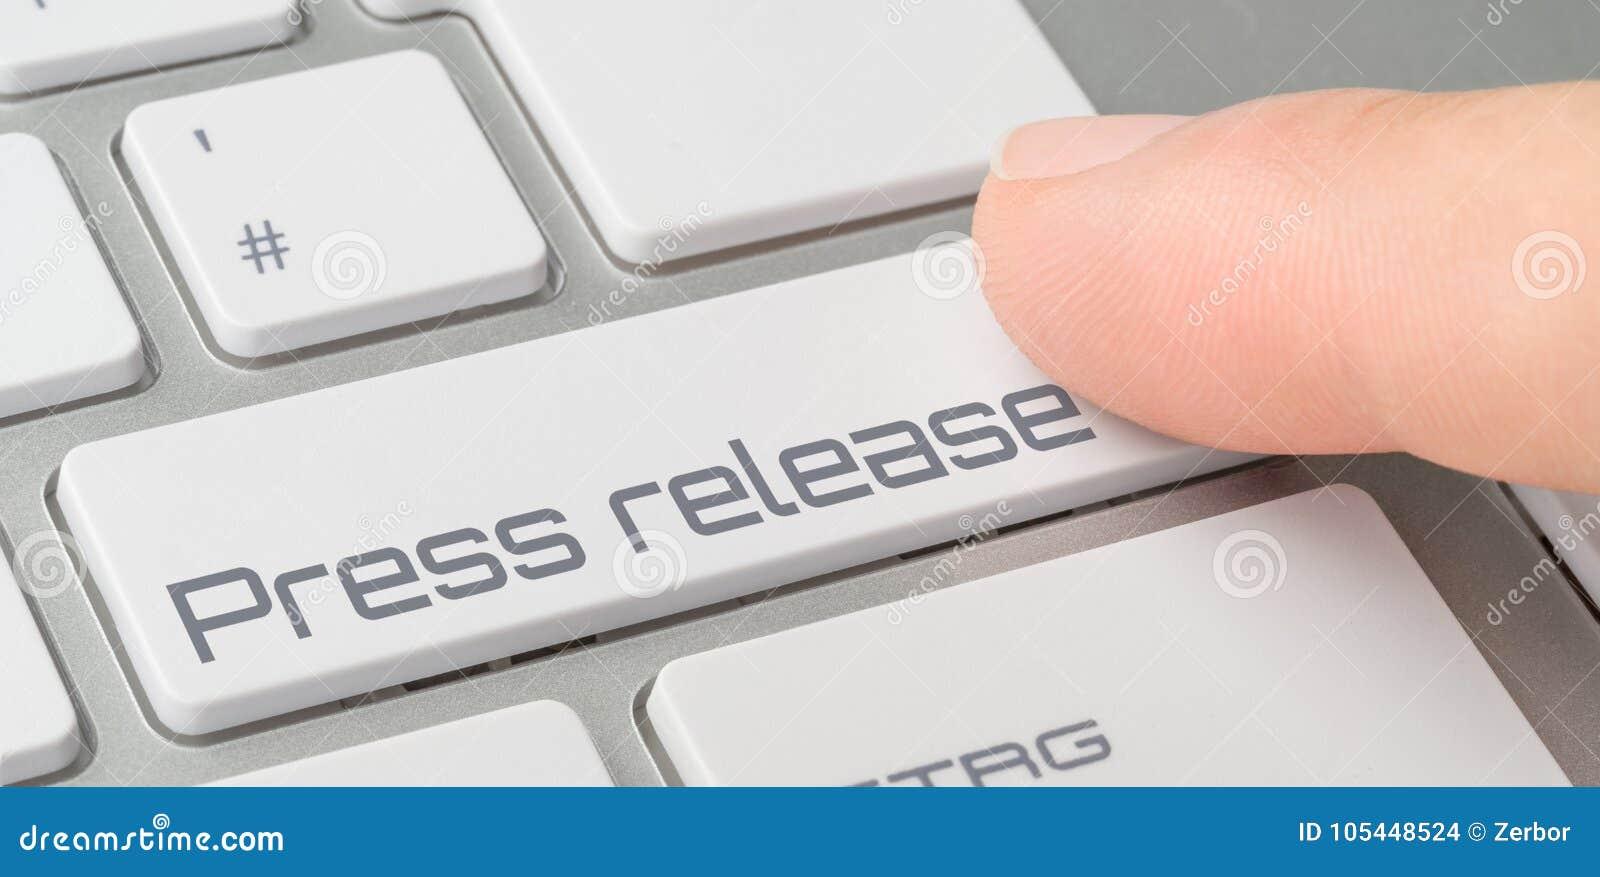 Teclado com um botão etiquetado - comunicado de imprensa